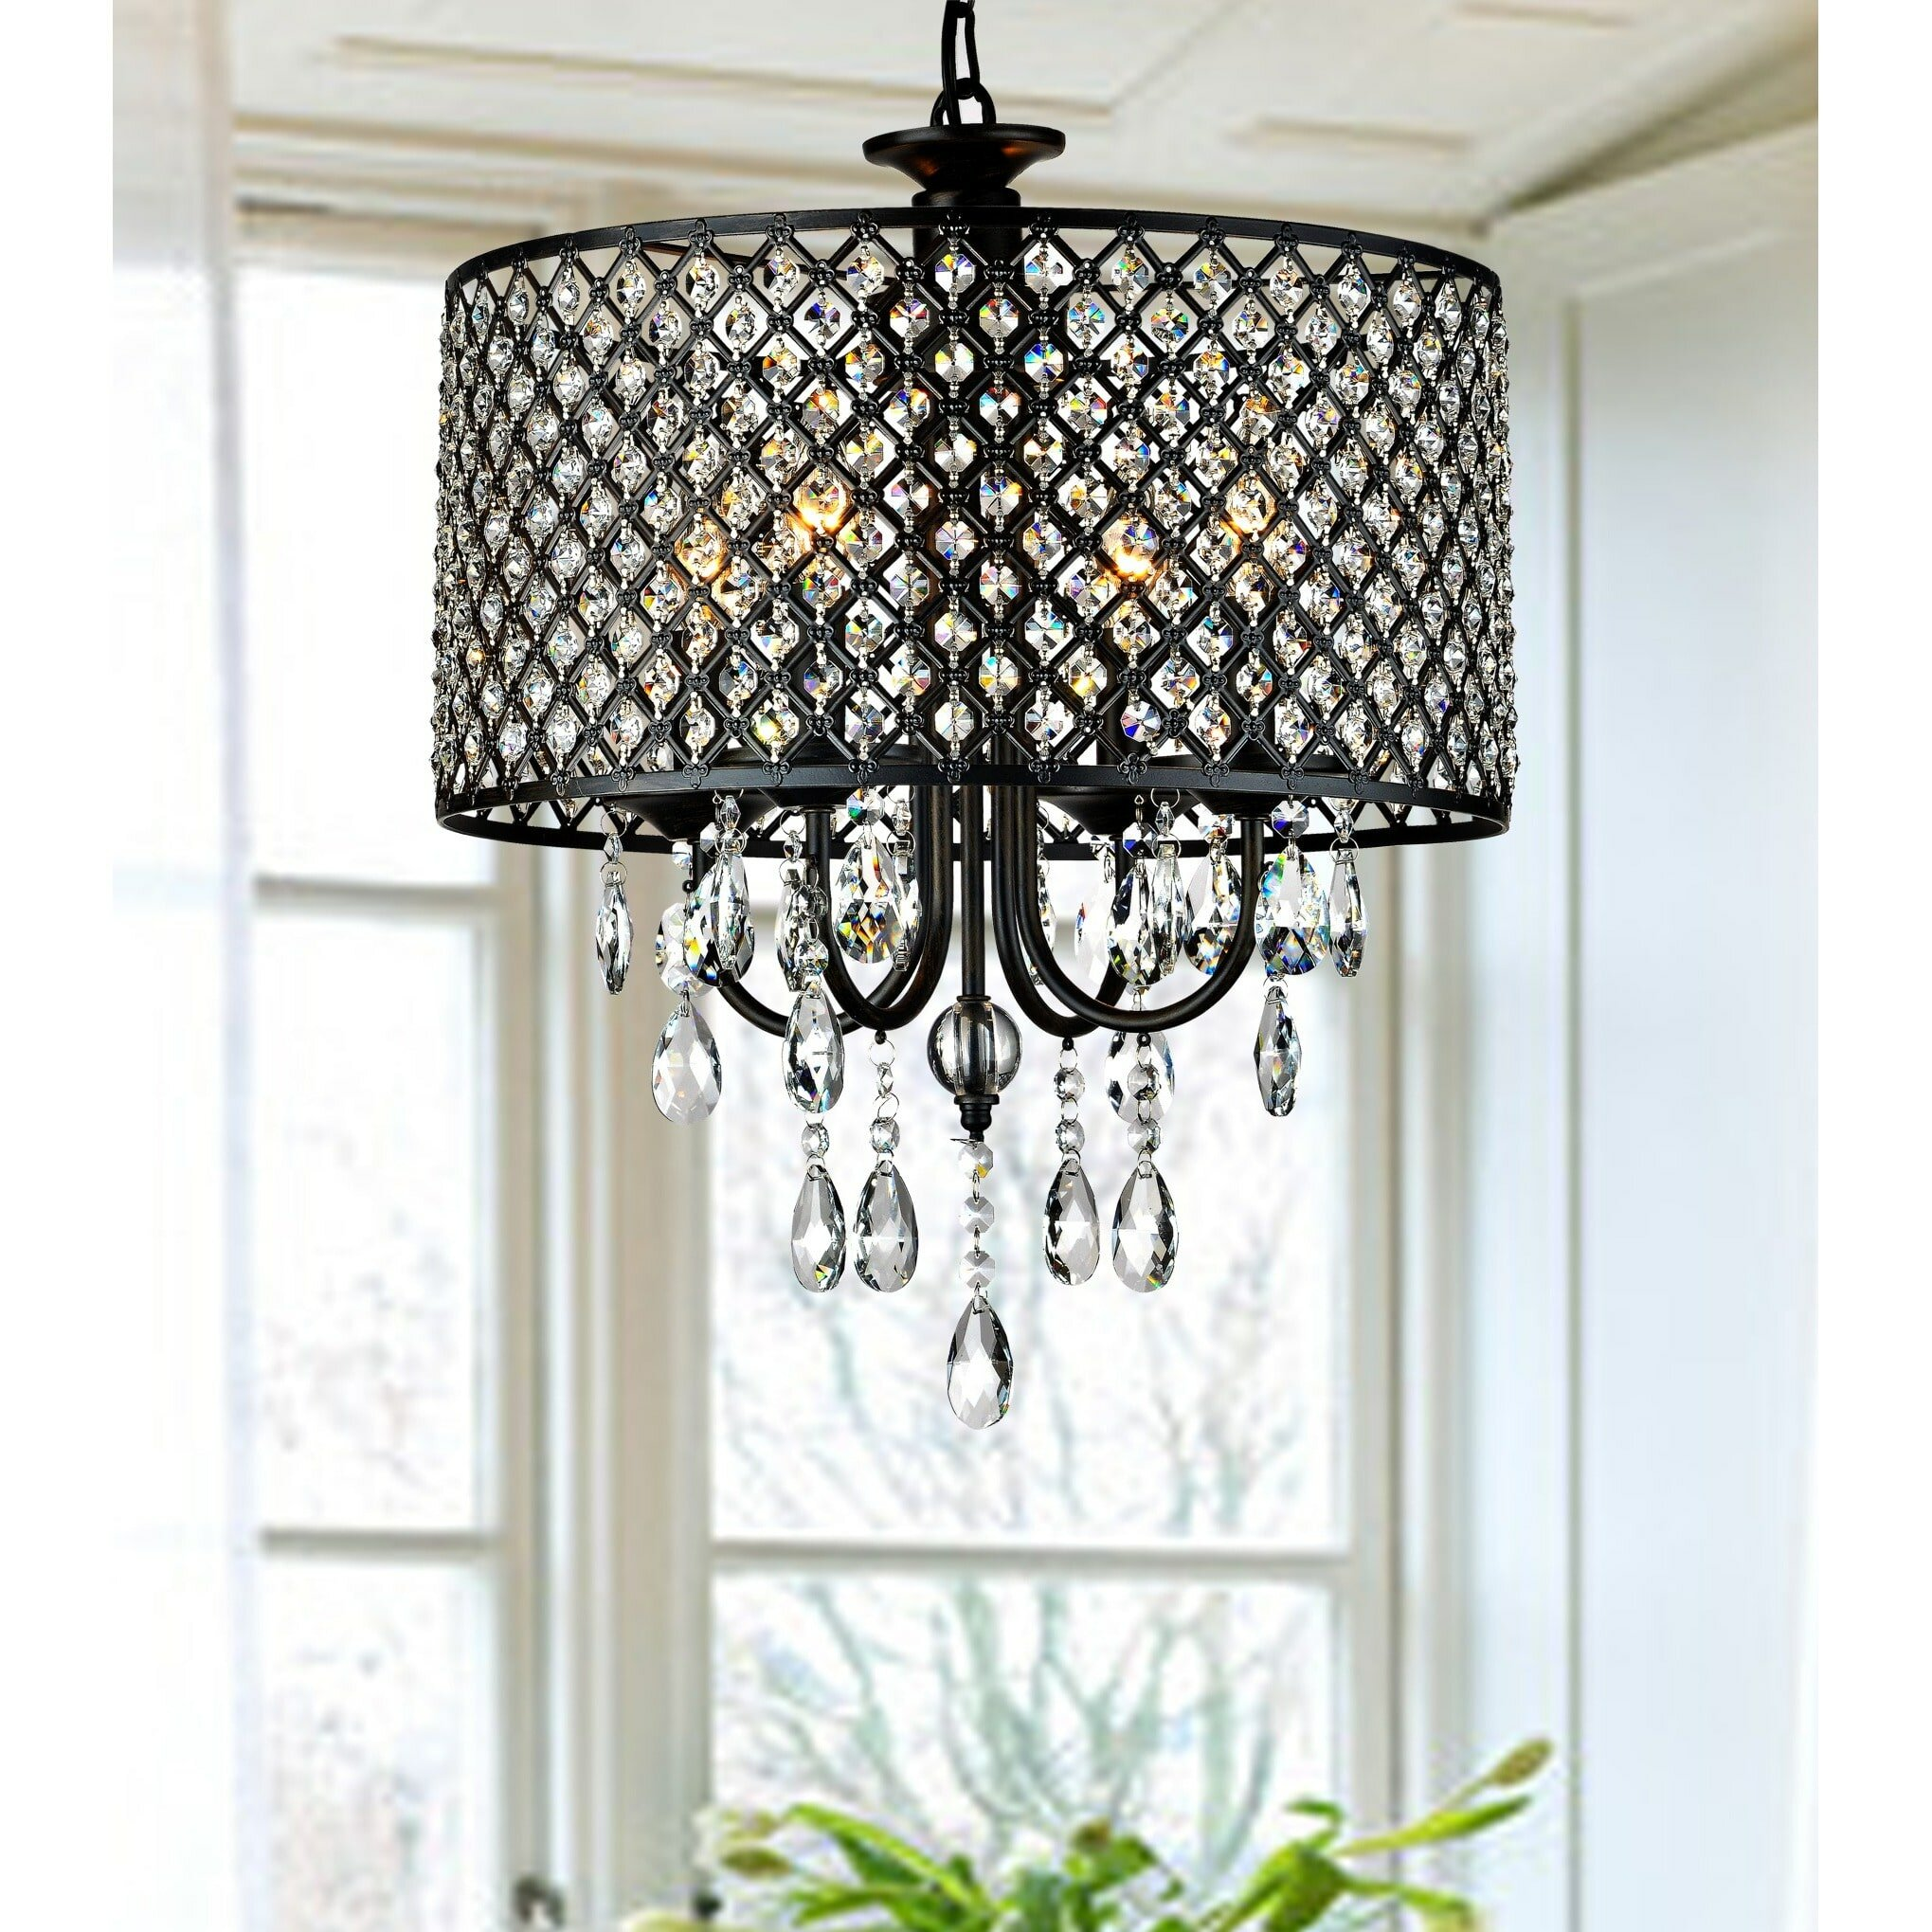 Mckamey round 4 light crystal chandelier